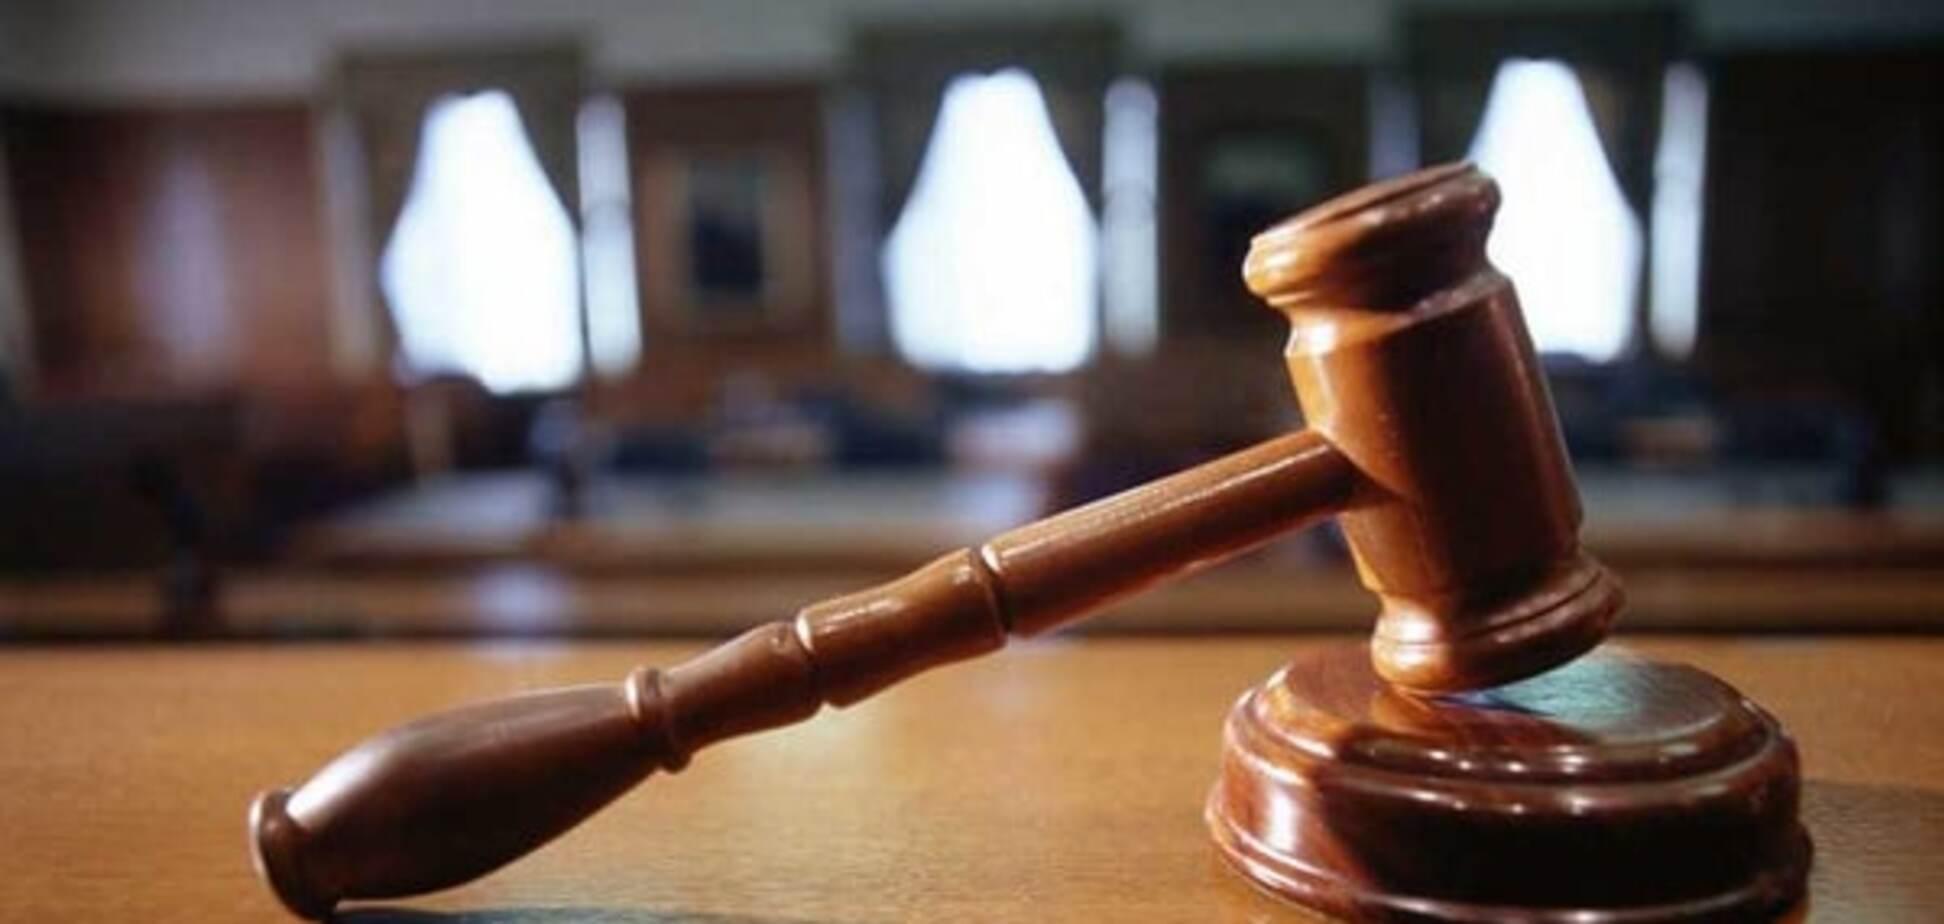 Міносвіти судиться за присвоєну Табачником нерухомість у центрі Києва